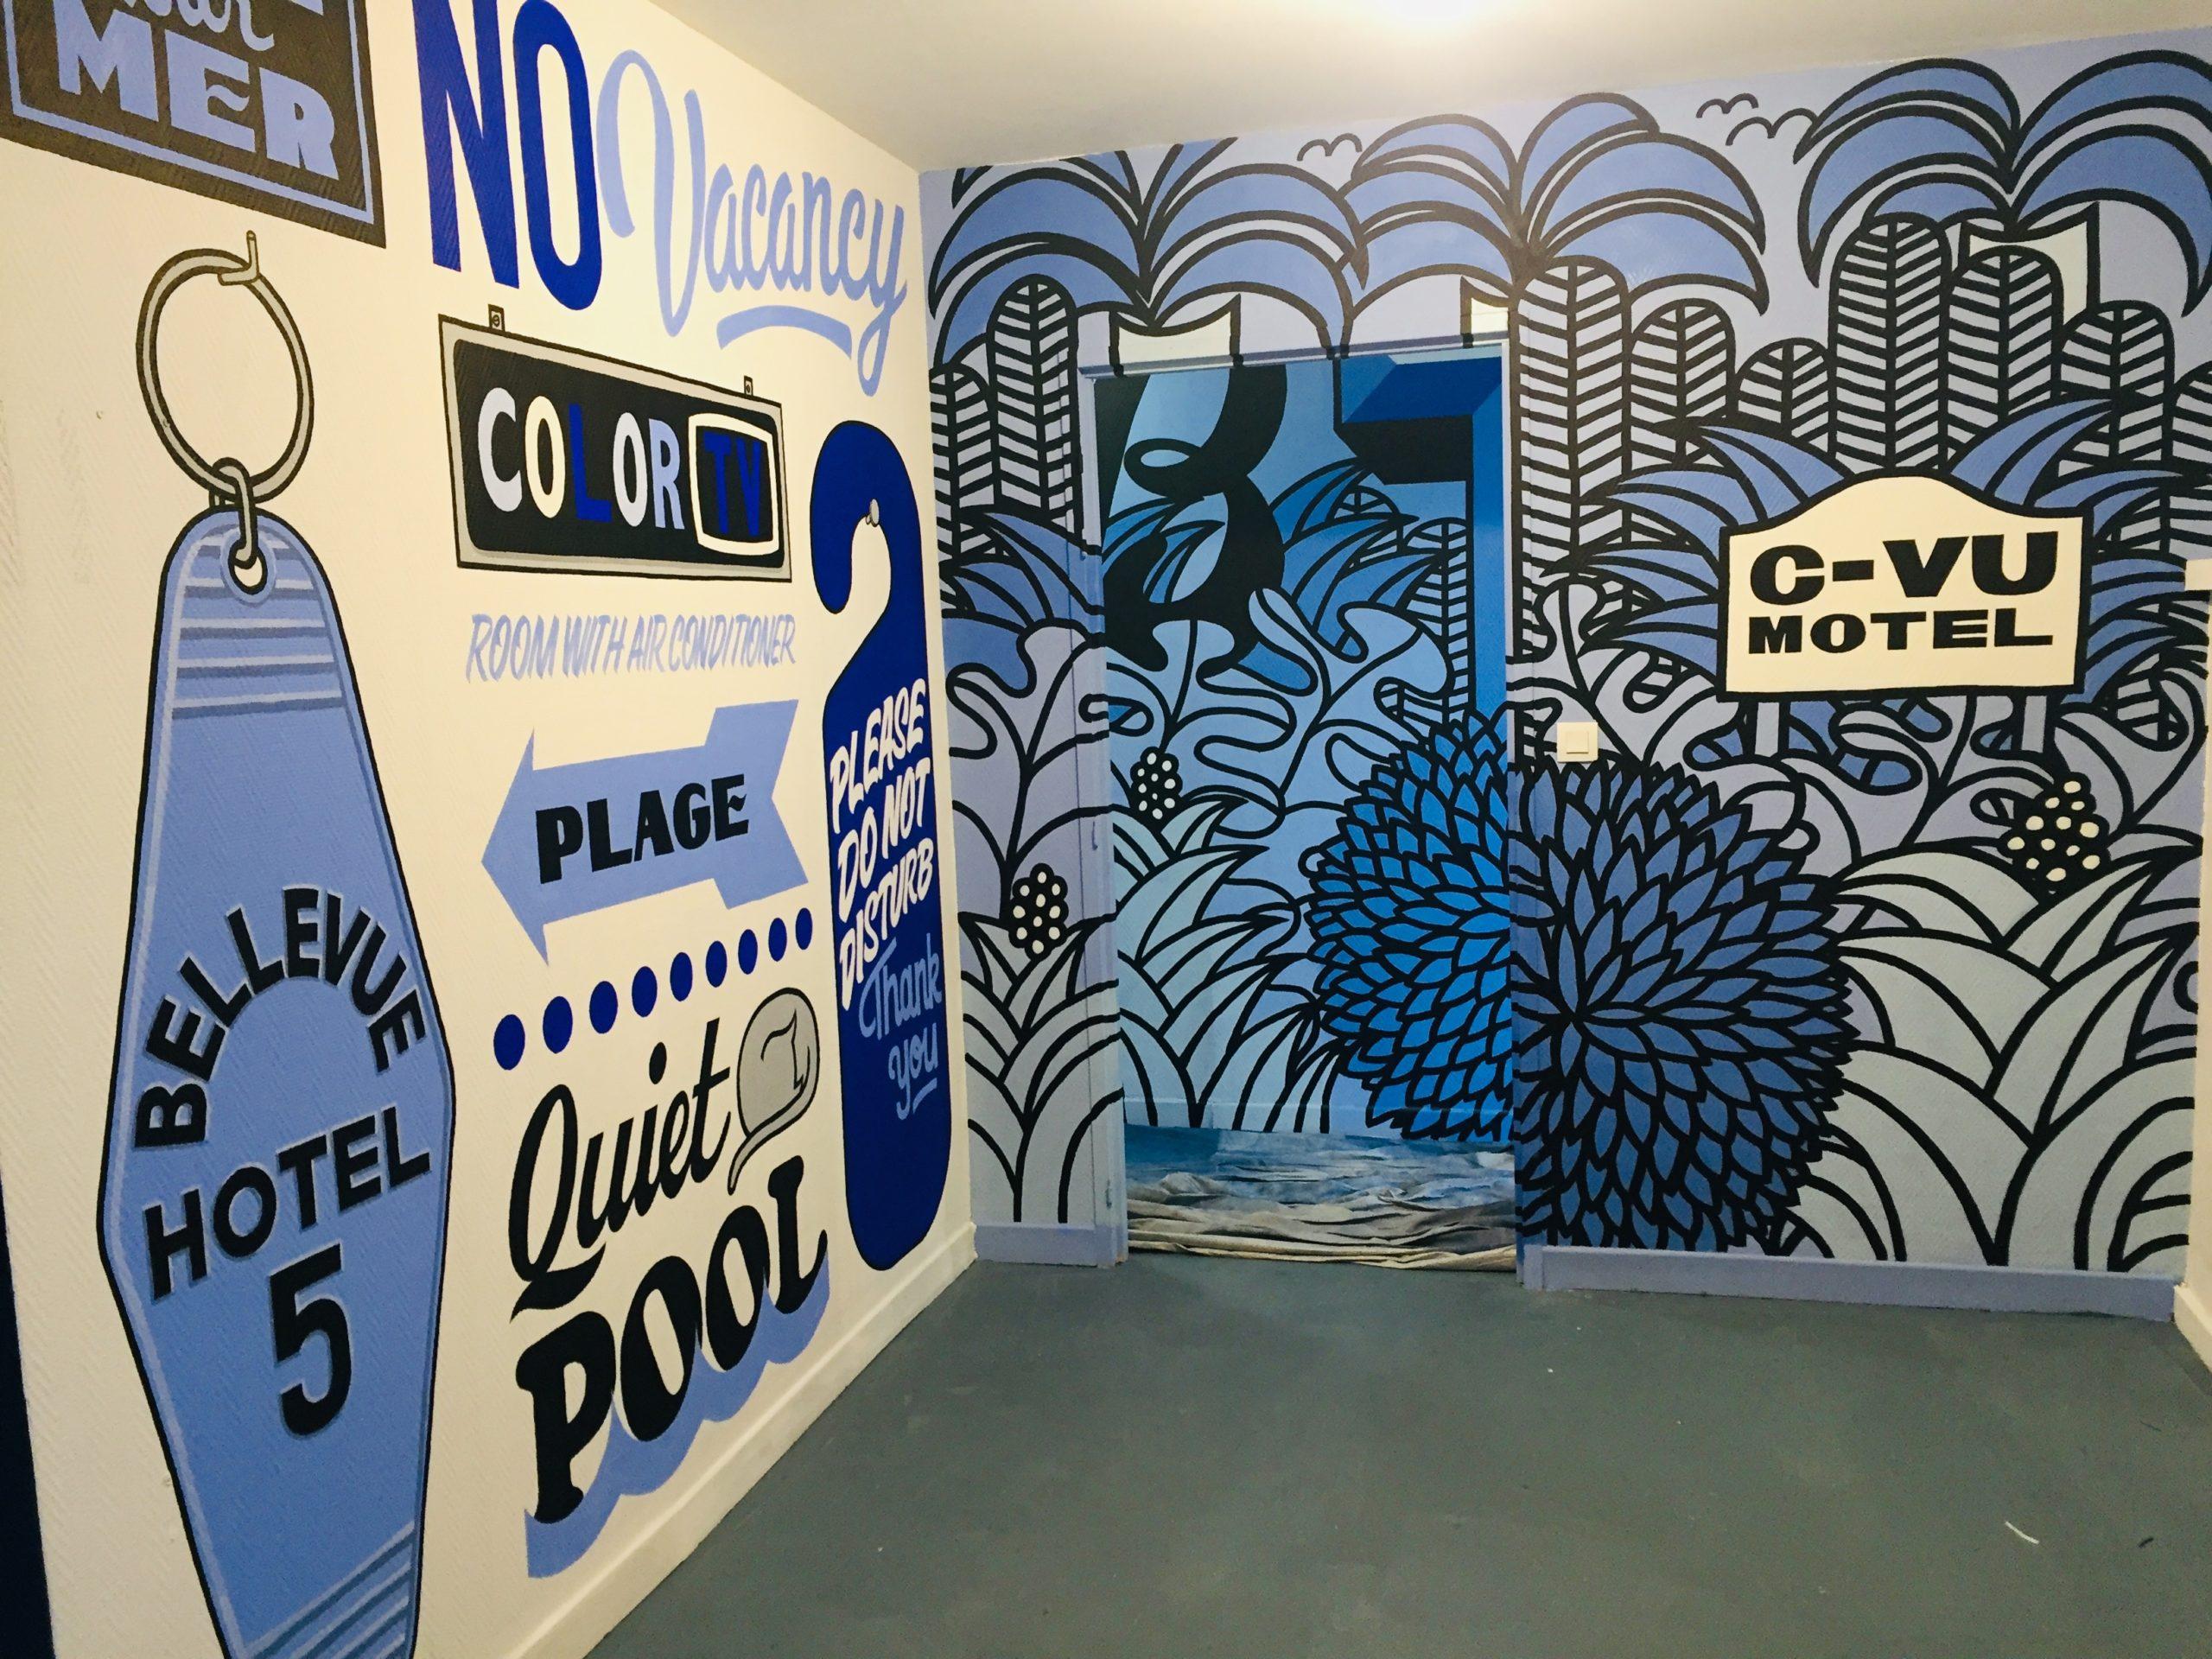 Salle du Colorama Festival avec des dessins bleu sur les murs sous forme de feuille et de panneaux de signalisation